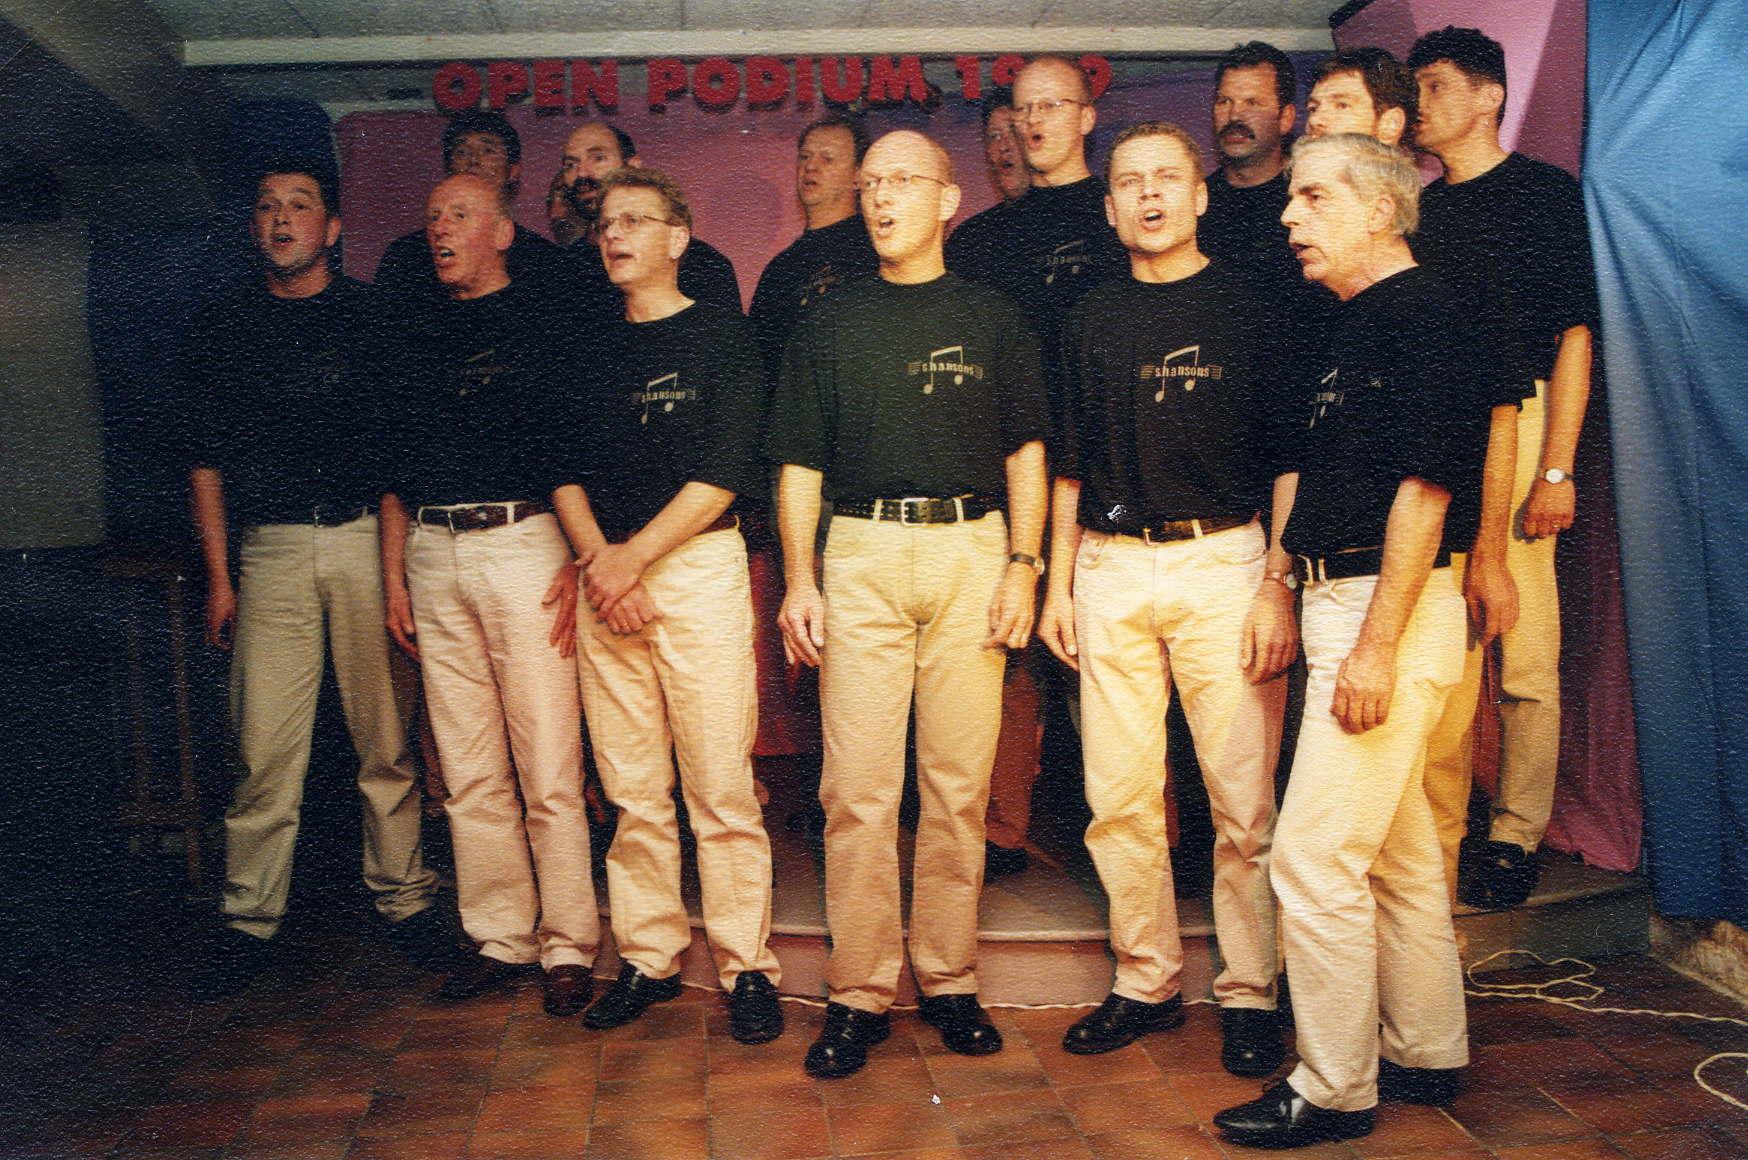 Optreden tijdens Open Podium in Doetinchem